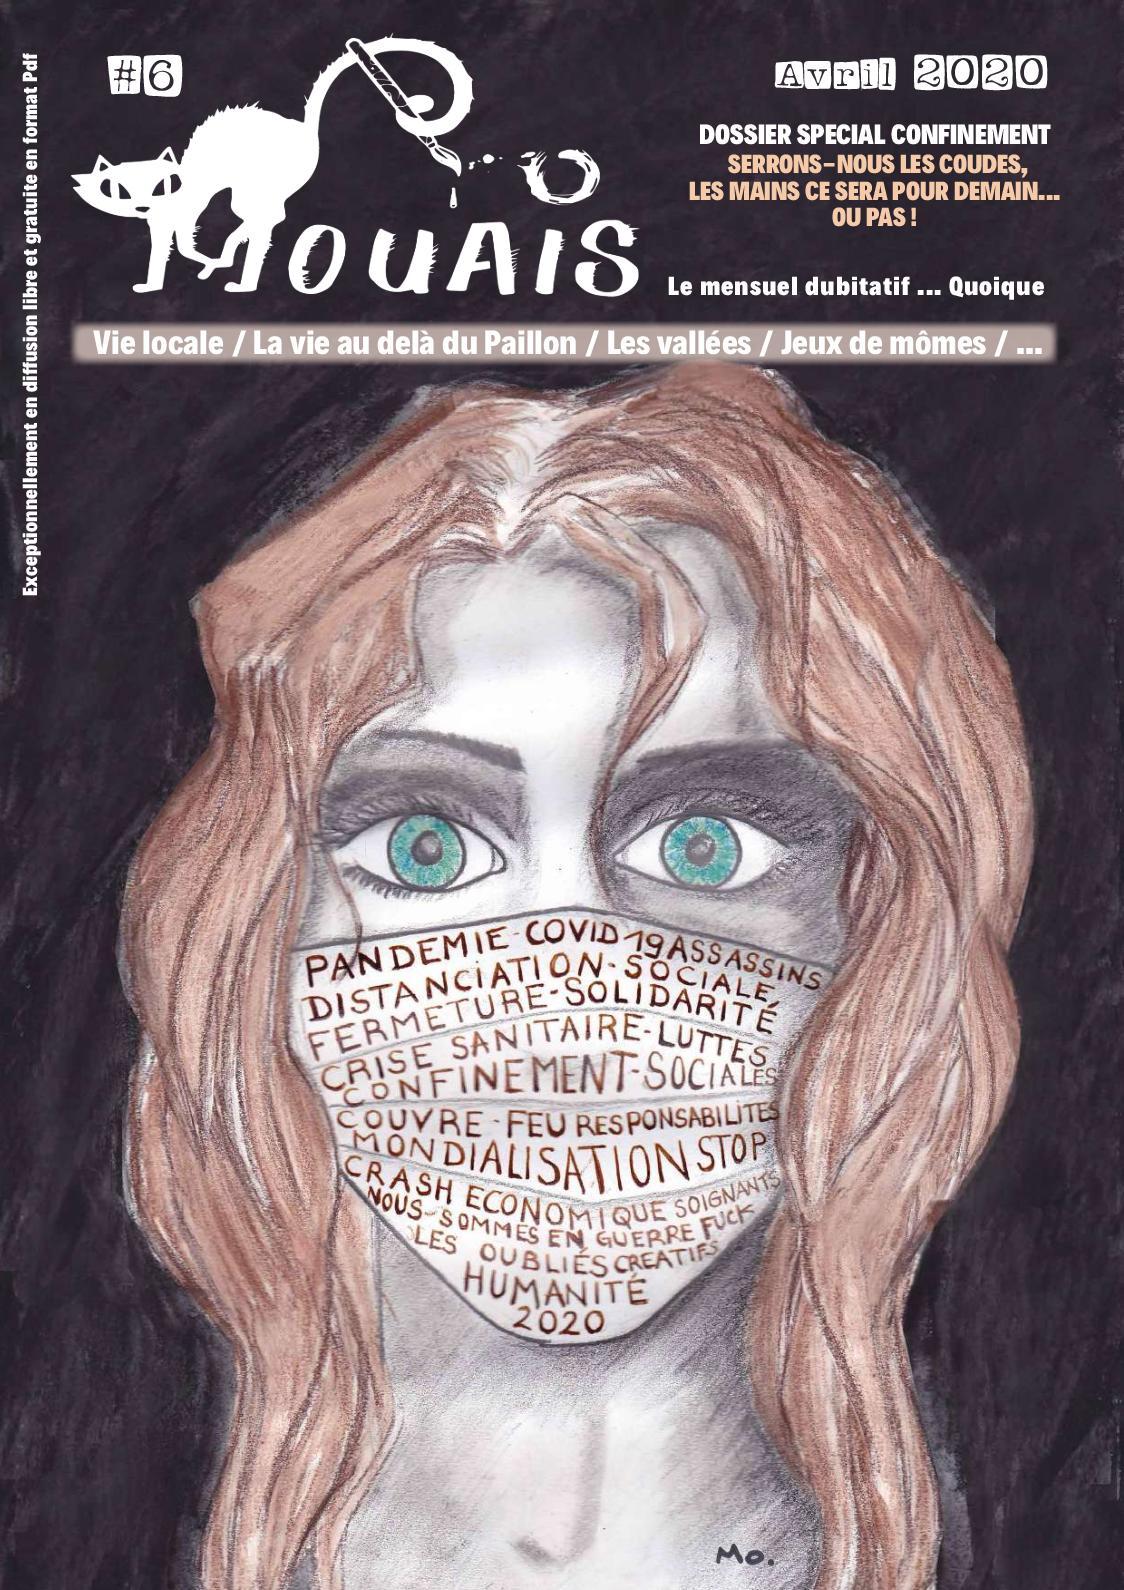 Journal Mouais #6 Gratuit (Numérique) - fr.calameo.com